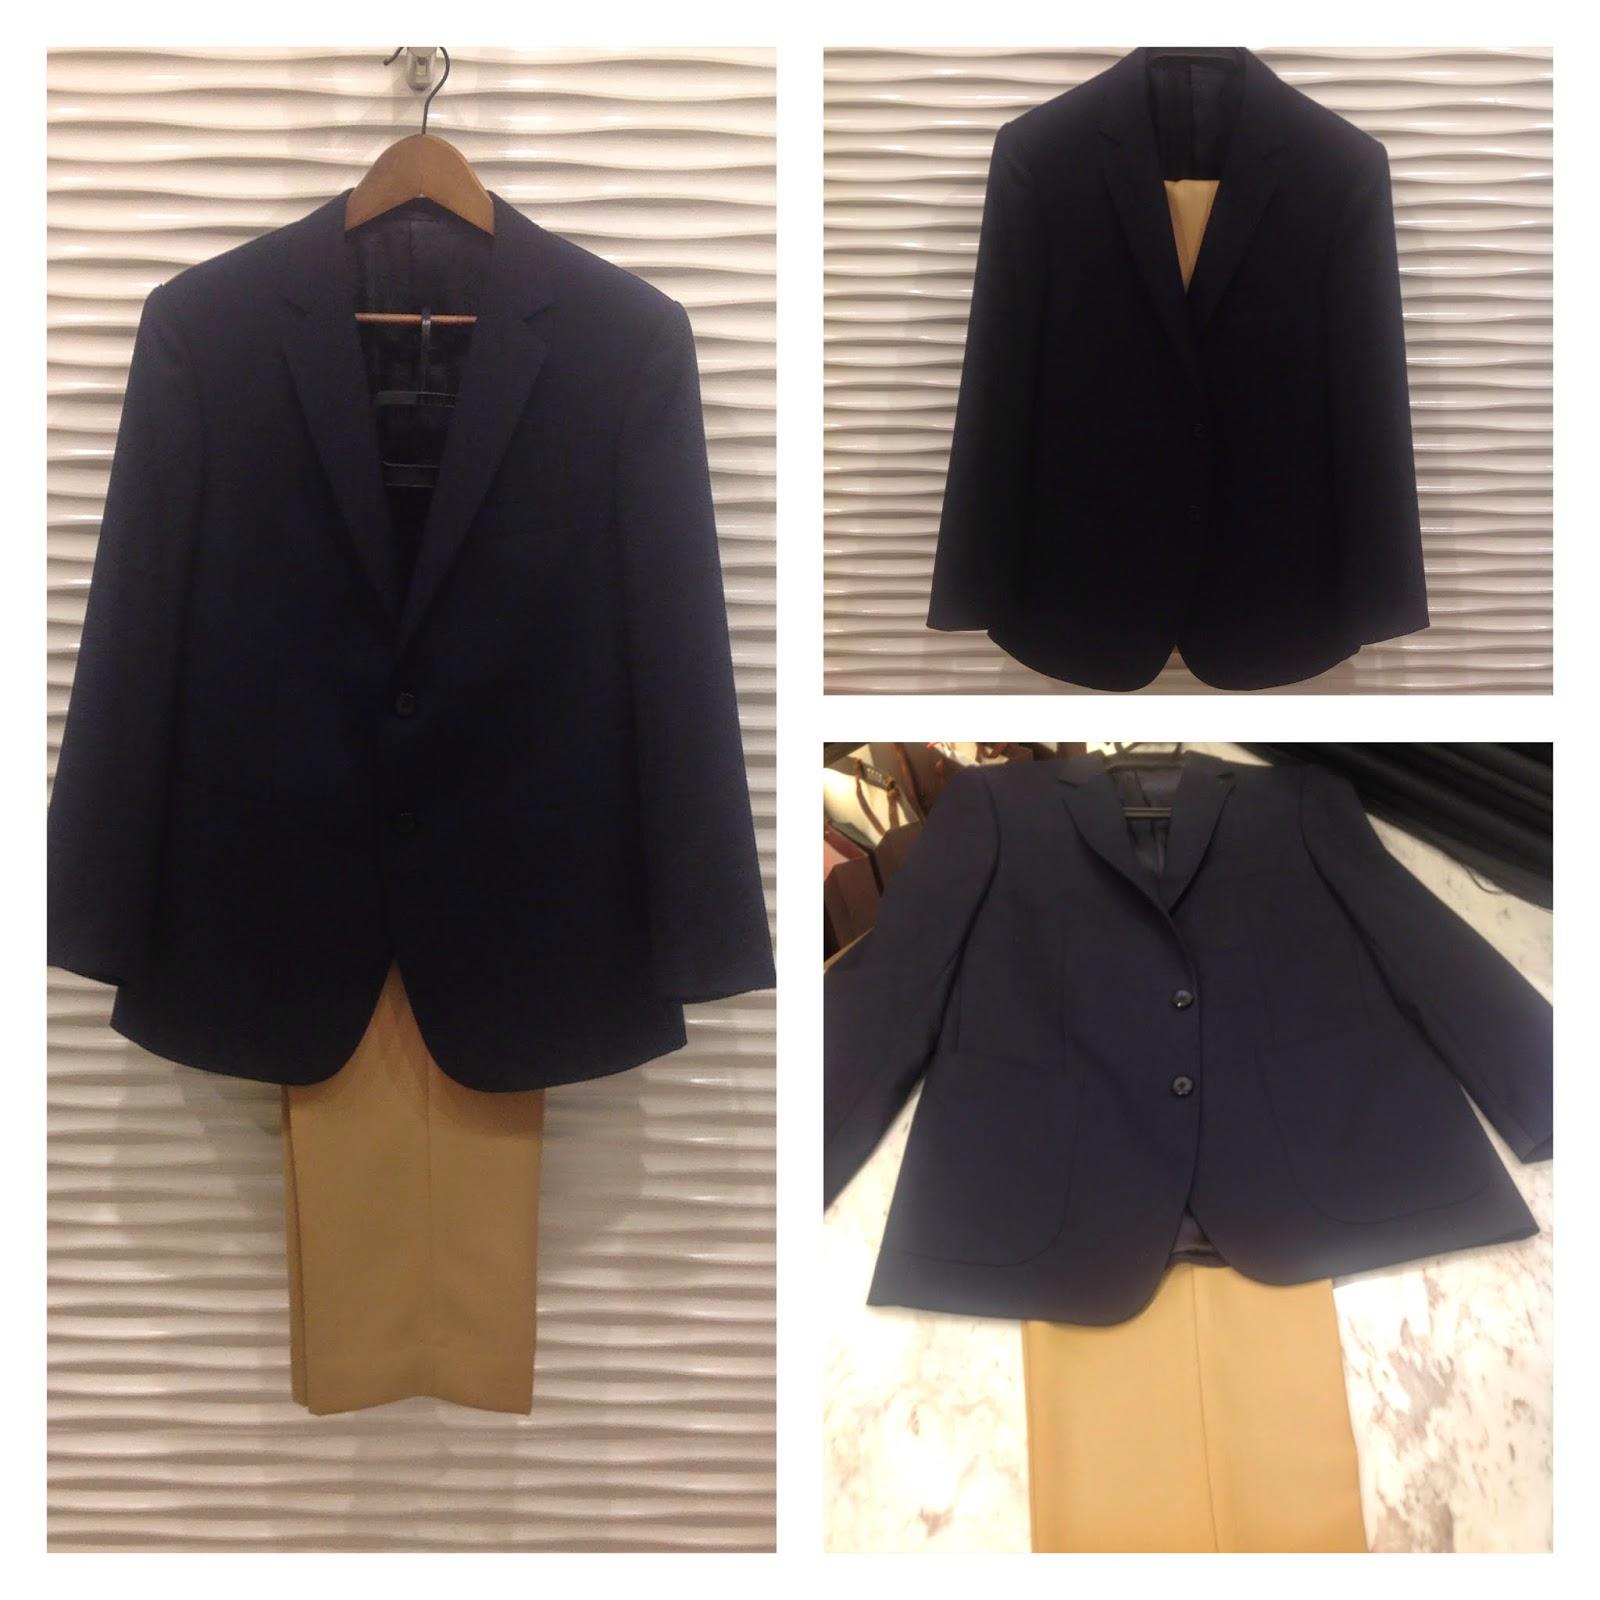 Blazer, 西裝外套, 西裝,西裝訂做,西裝 推薦,西裝外套,西裝褲,穿西裝,西服,灰色西裝,結婚西裝,手工西裝,西裝褲,西服訂作,禮服訂製,男士禮服